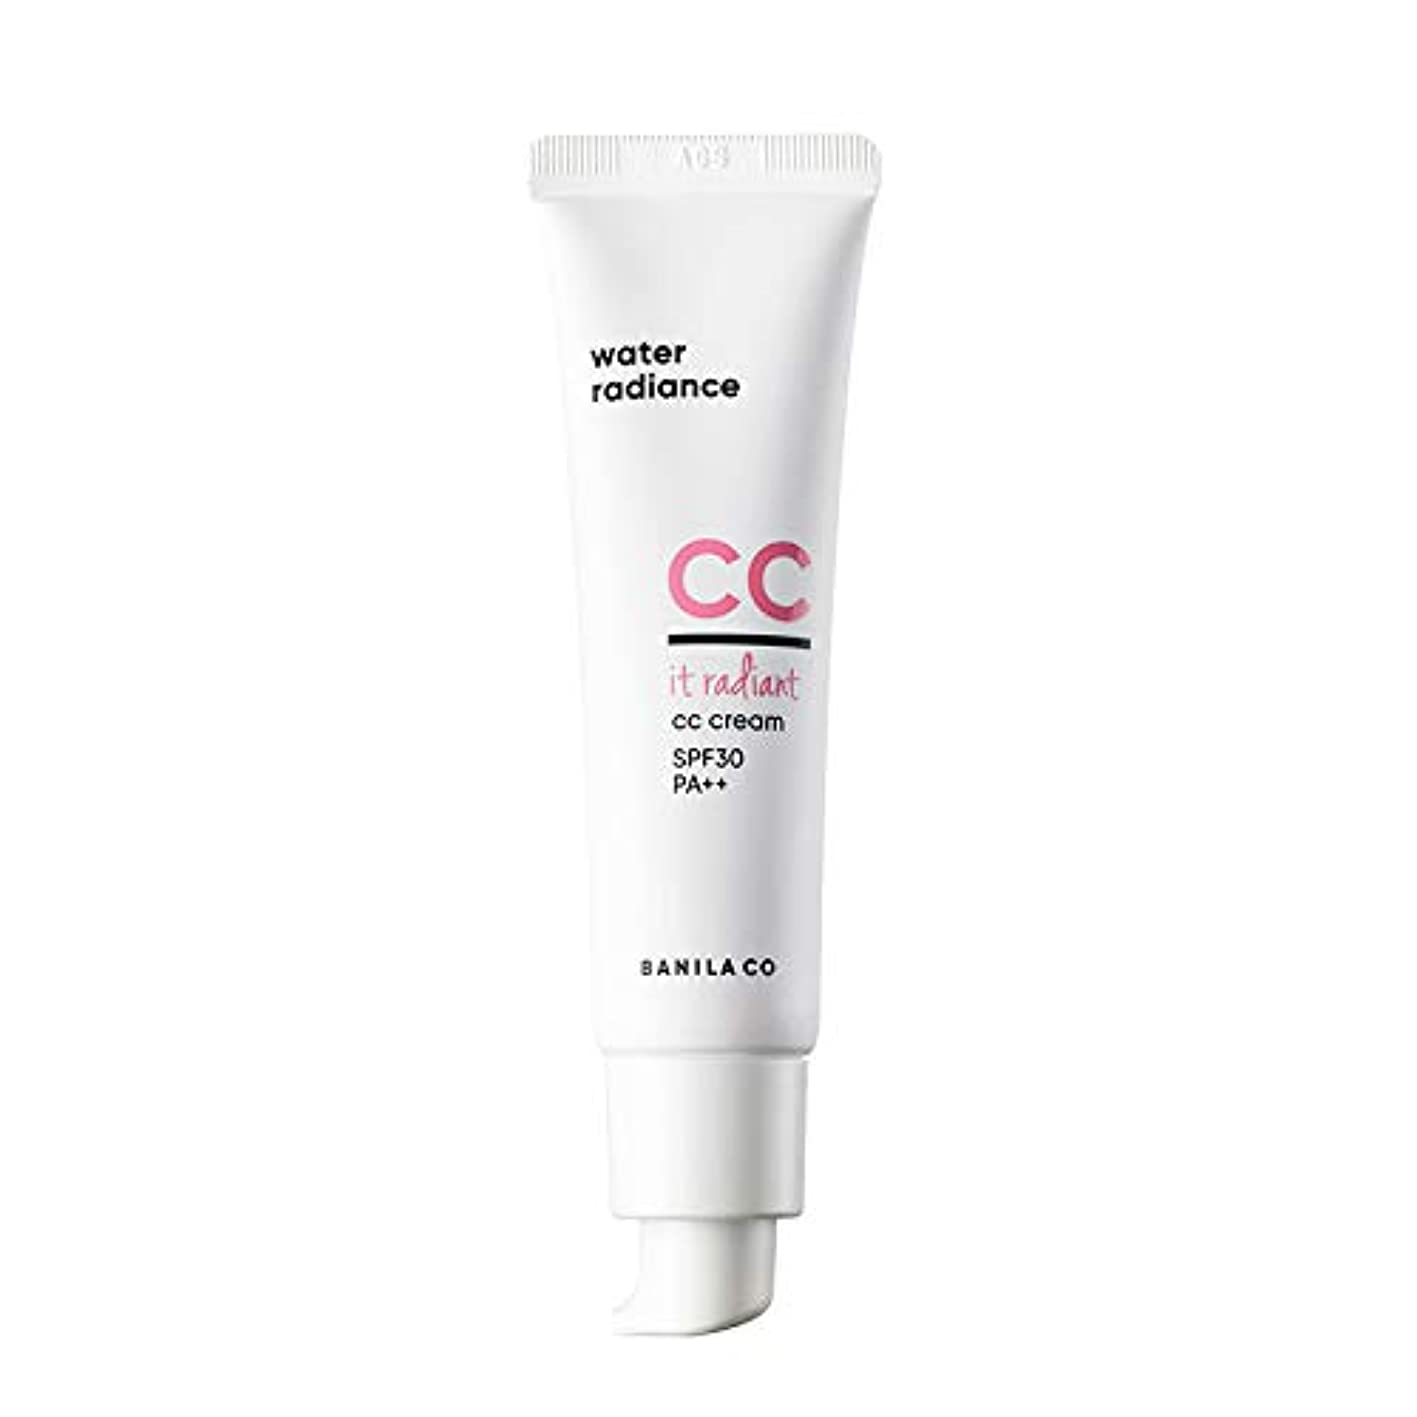 関係最小化するショットBANILA CO(バニラコ) イットレディアント ccクリーム It Radiant CC Cream